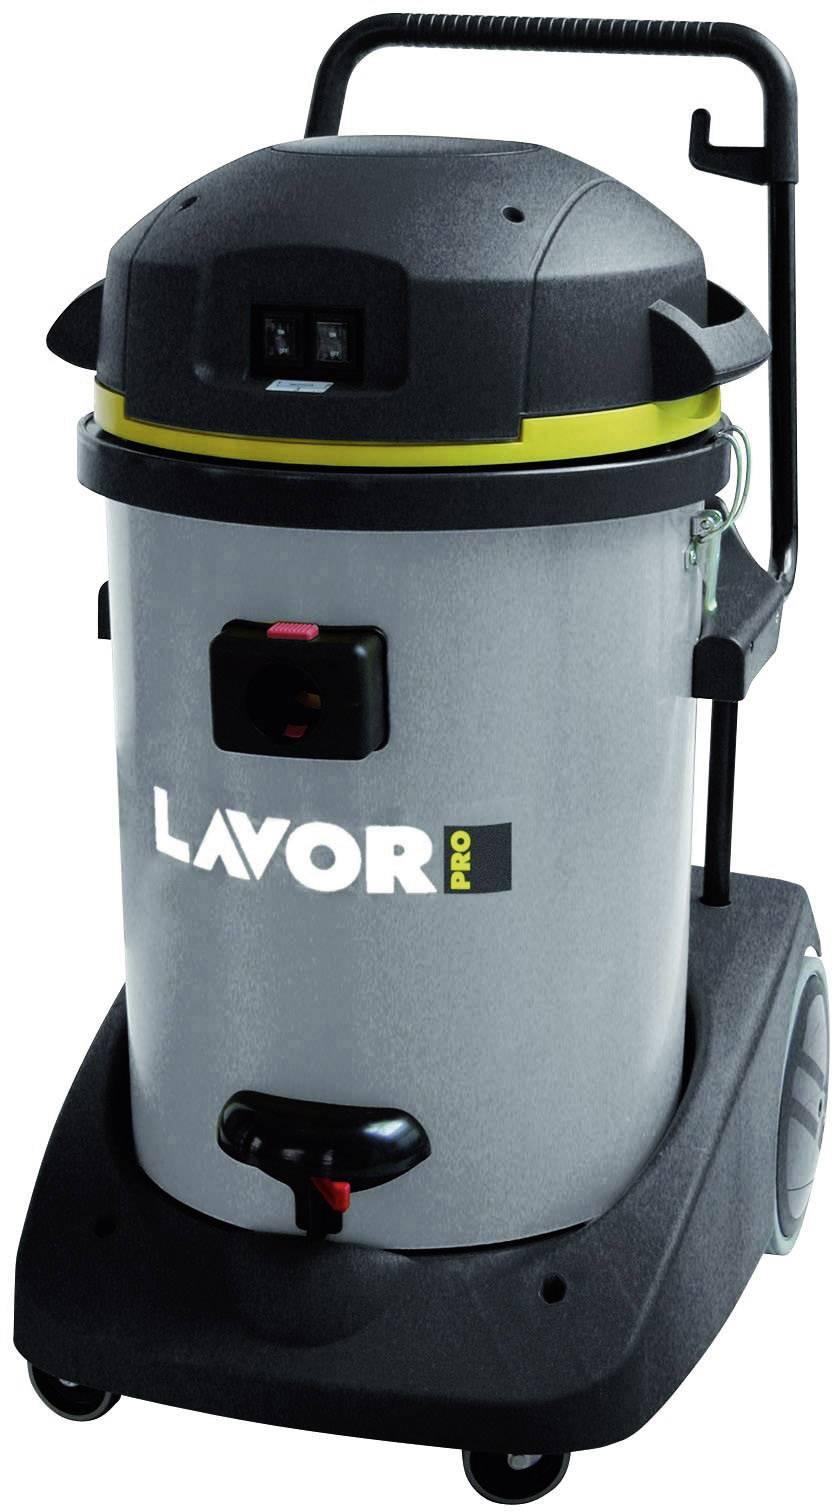 Mokrý / suchý vysávač Lavor TAURUS PR 8.212.0508, 3600 W, 77 l